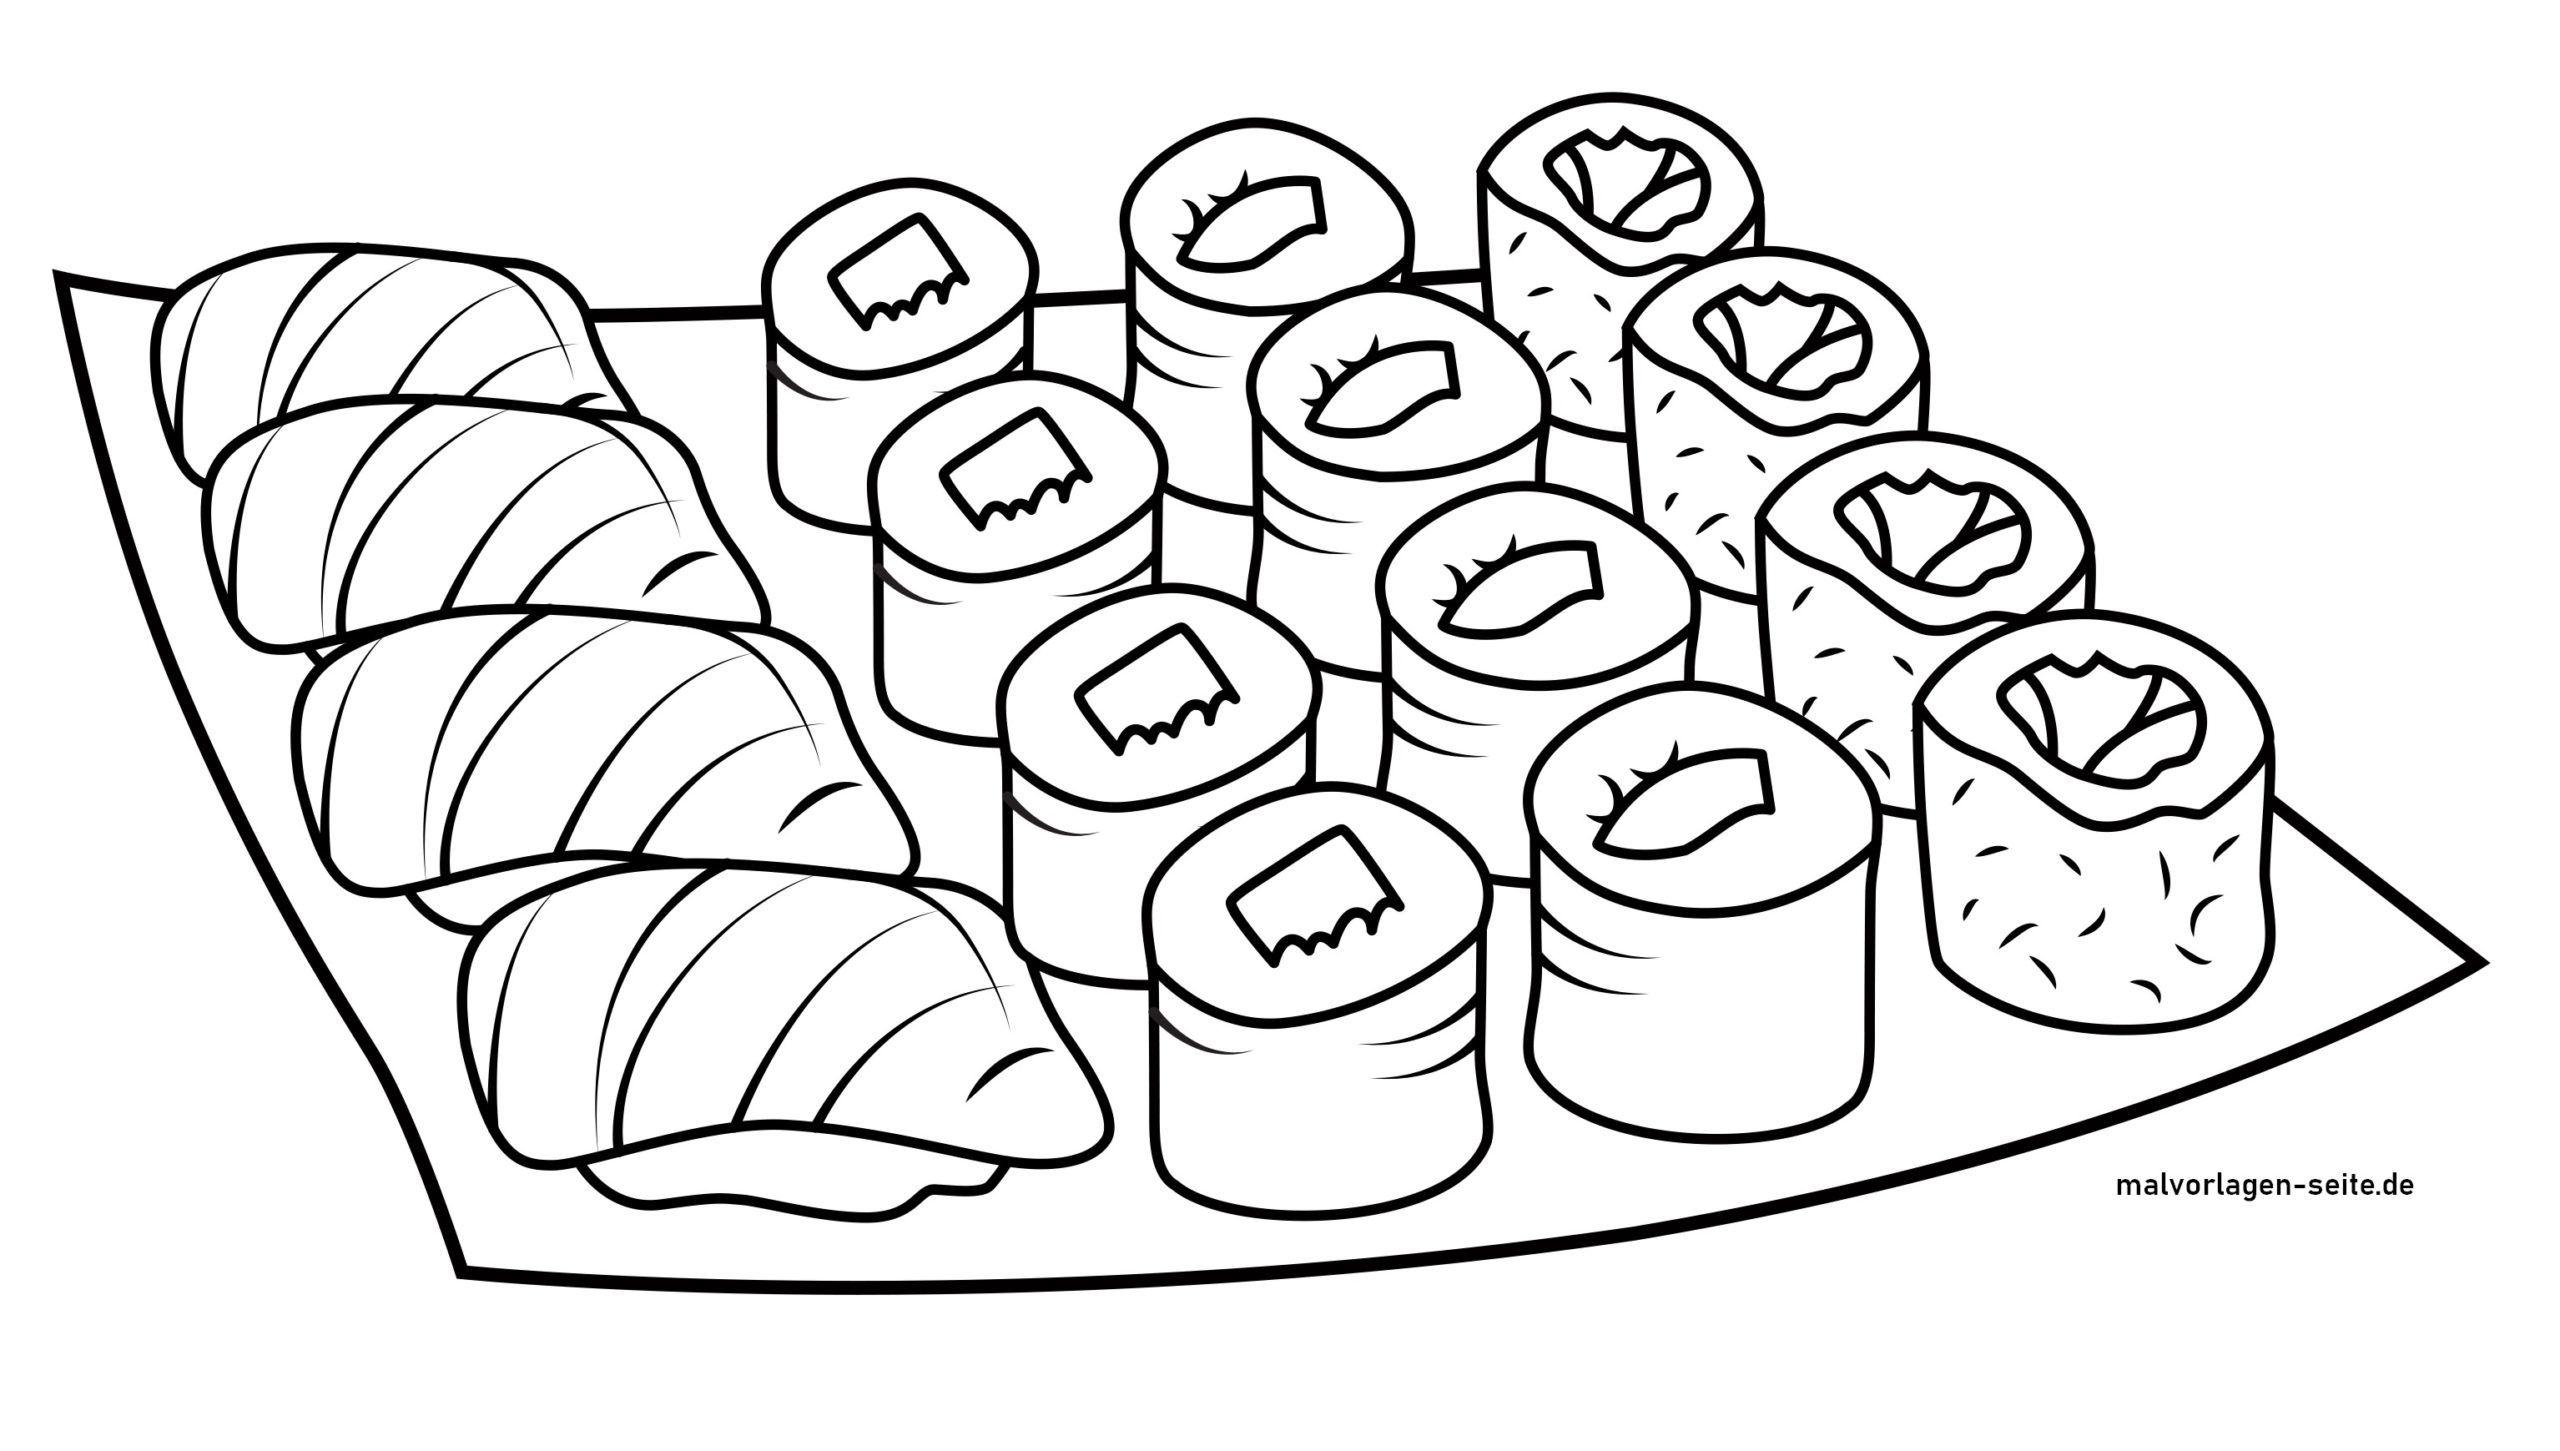 Tolle Malvorlage Sushi - Kostenlose Ausmalbilder